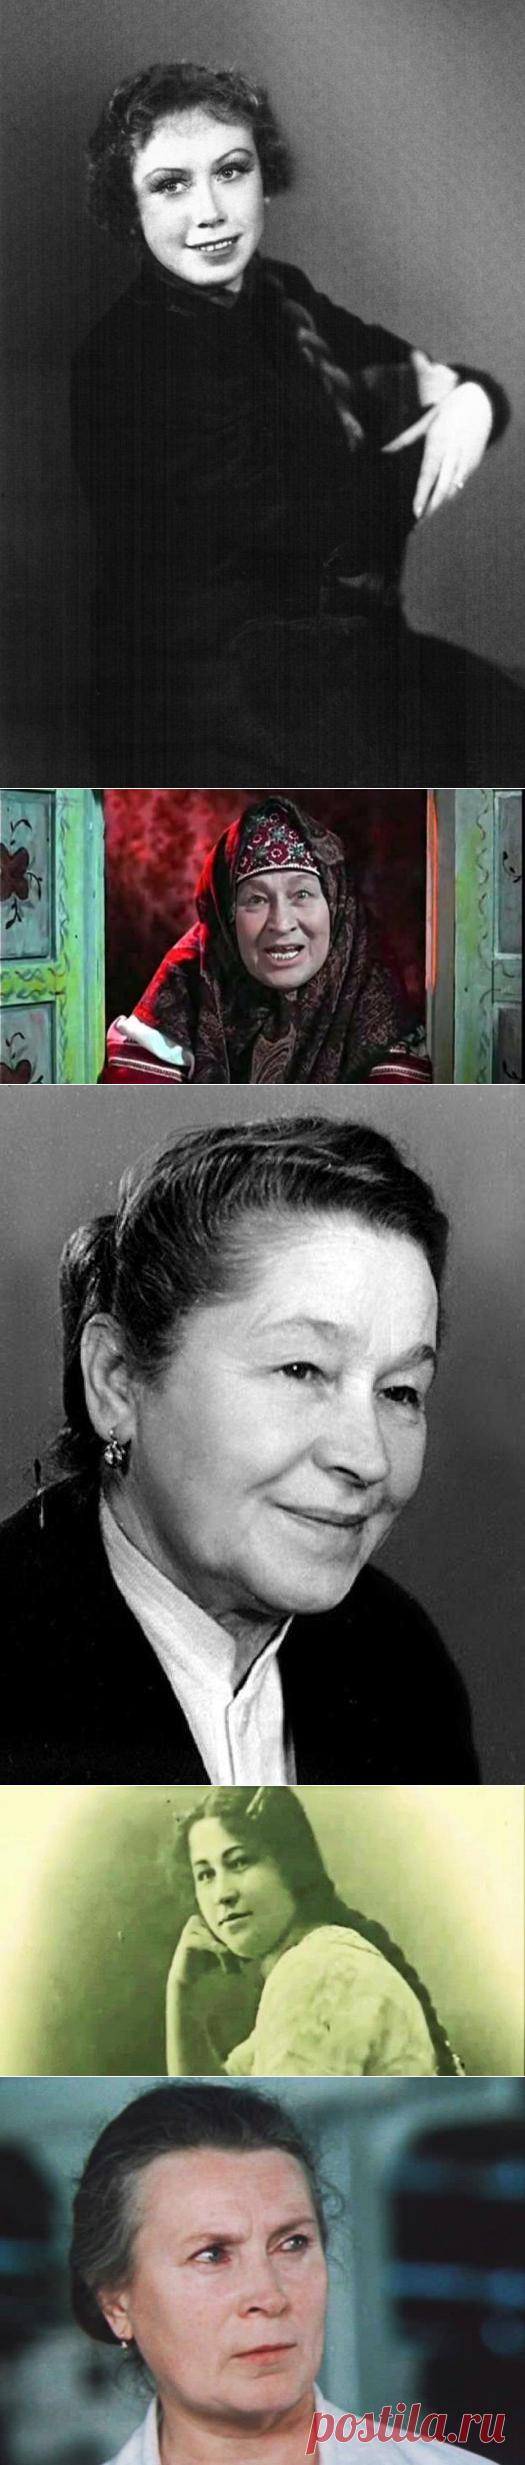 Какими были бабушки советского кино в молодости? / Назад в СССР / Back in USSR